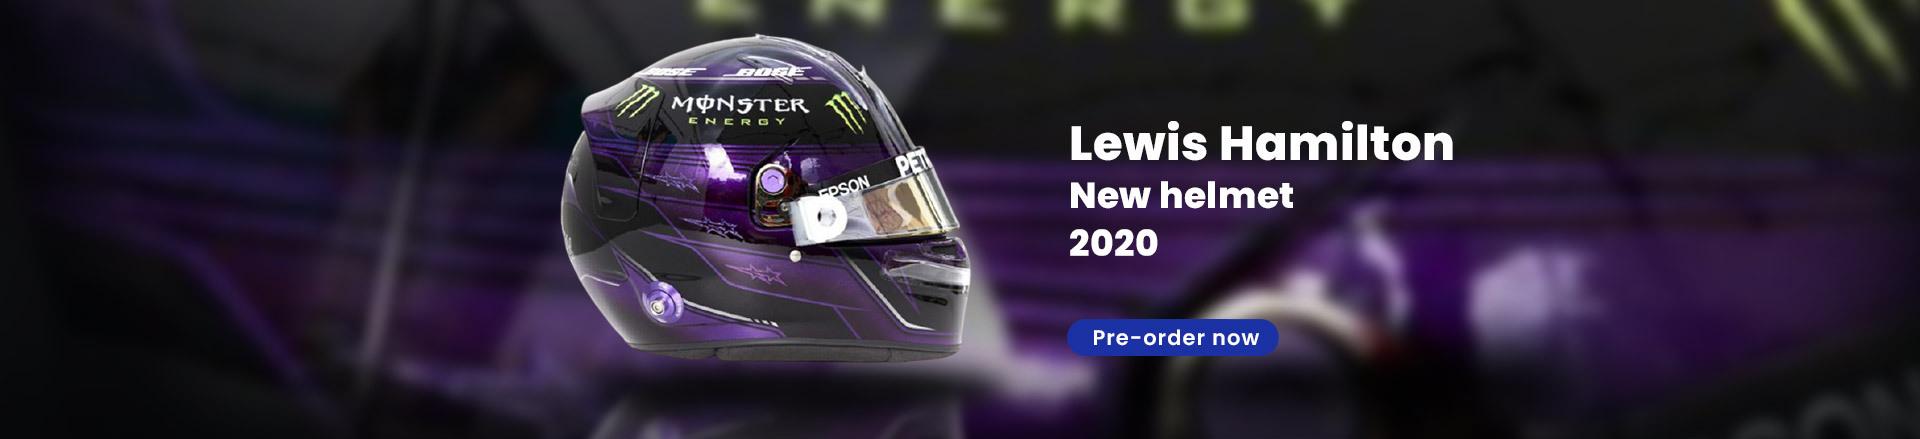 Lewis Hamilton Mercedes Helmet AMG 2020 - black purple